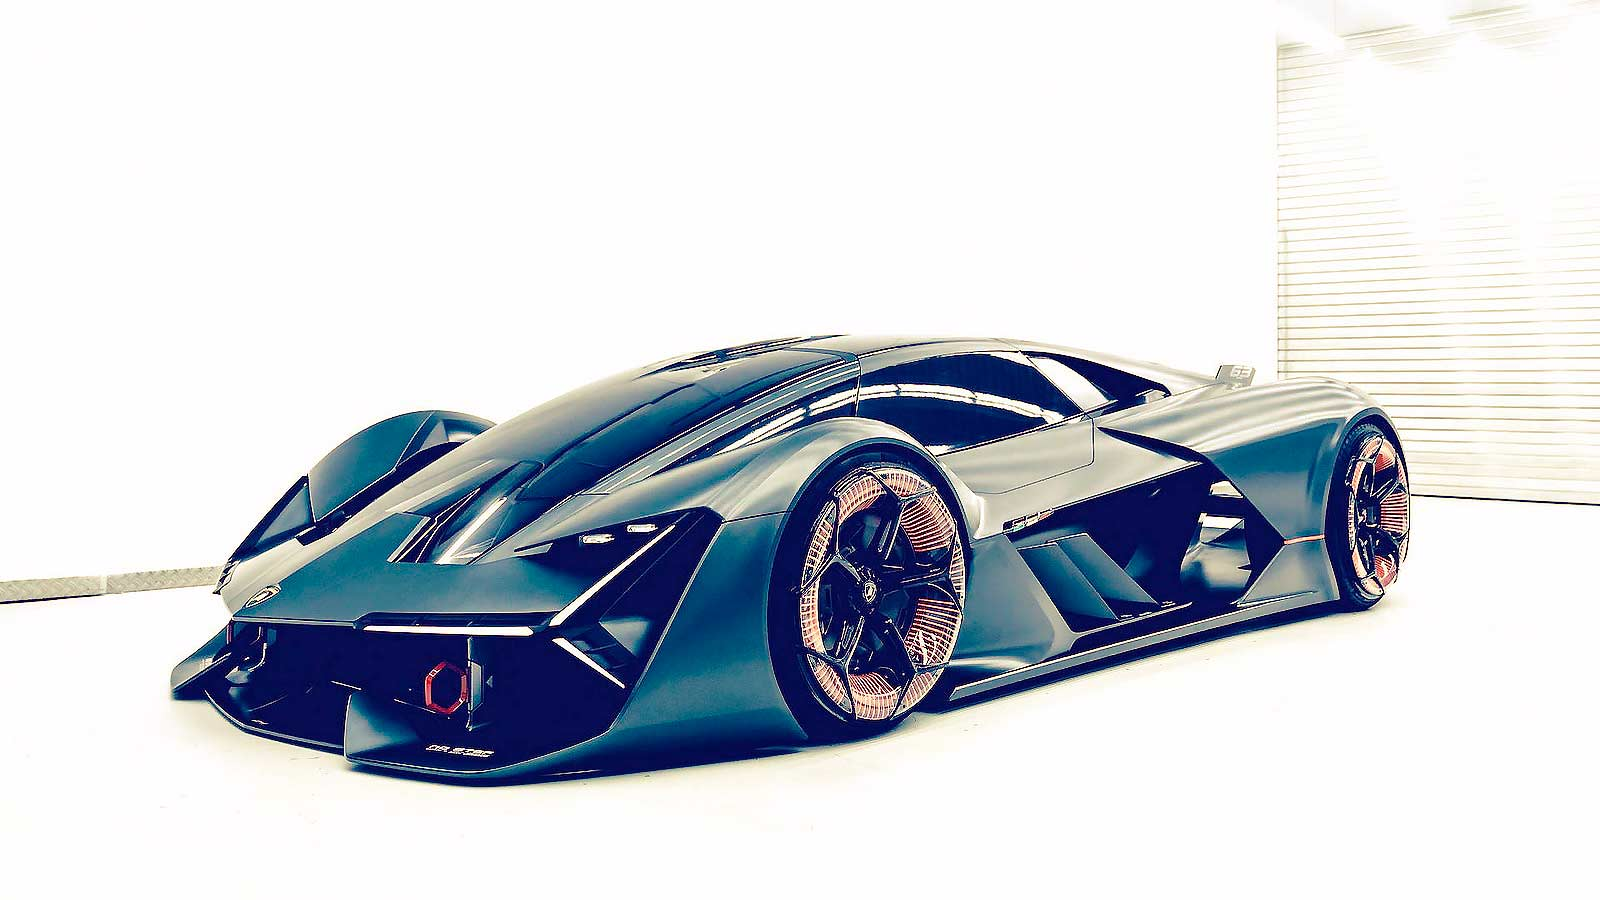 2018 Lamborghini Terzo Millennio Concept